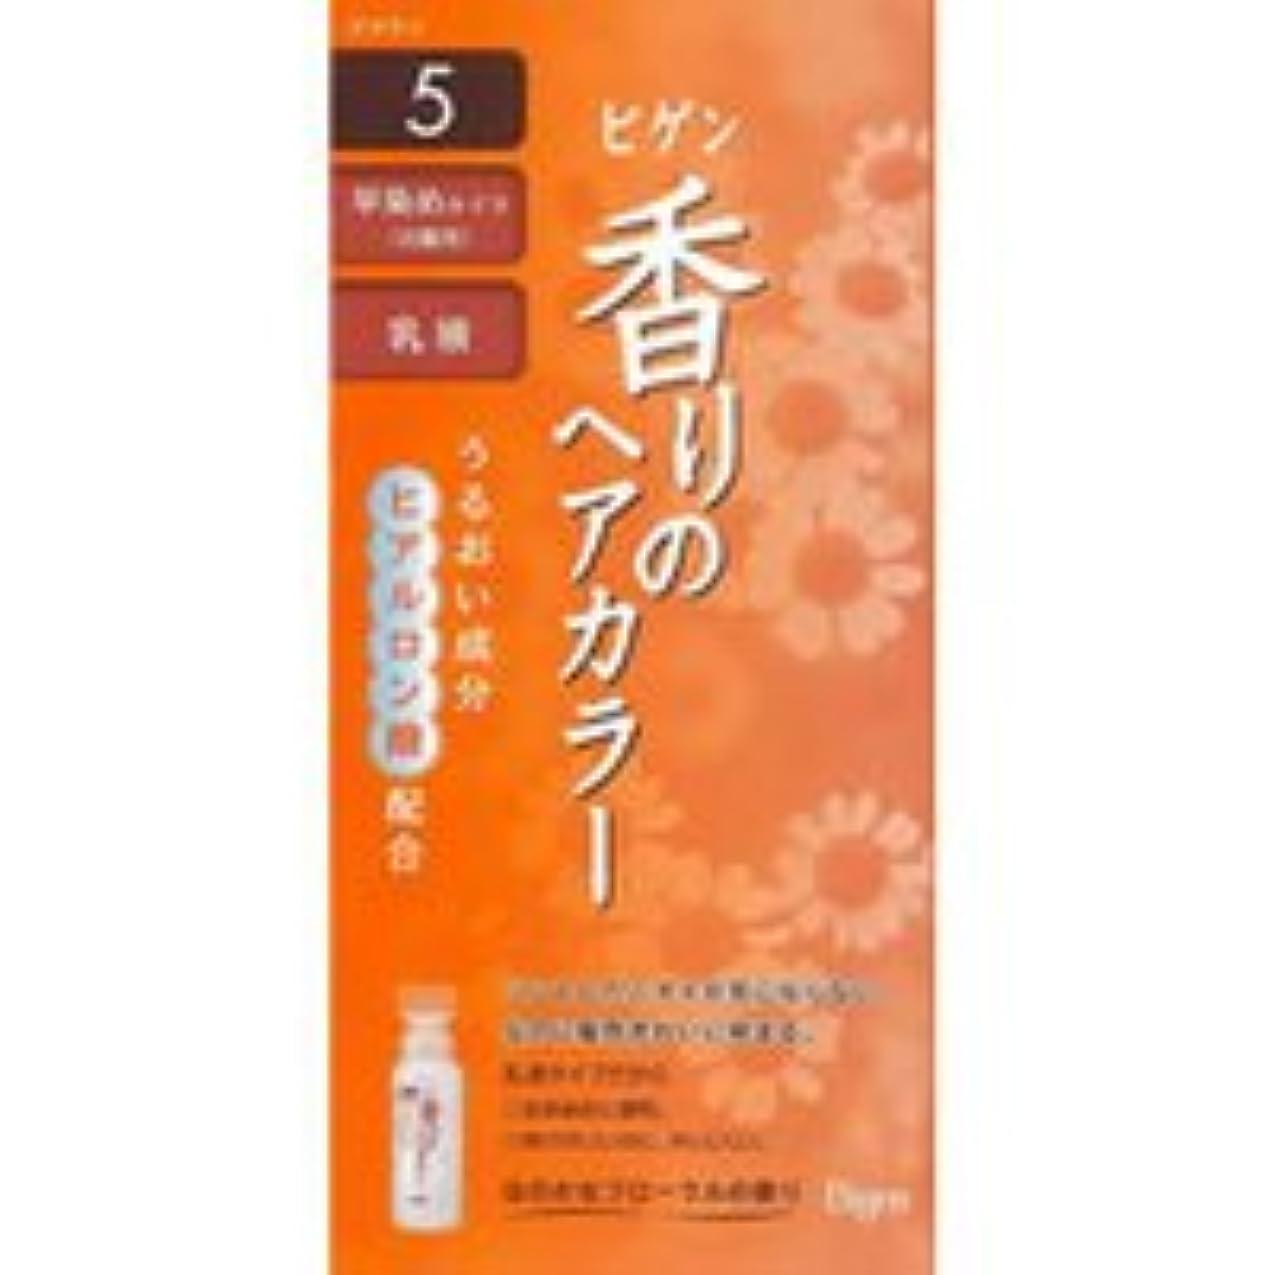 重要な役割を果たす、中心的な手段となるしかしながらはさみビゲン 香りのヘアカラー 乳液(5) ブラウン